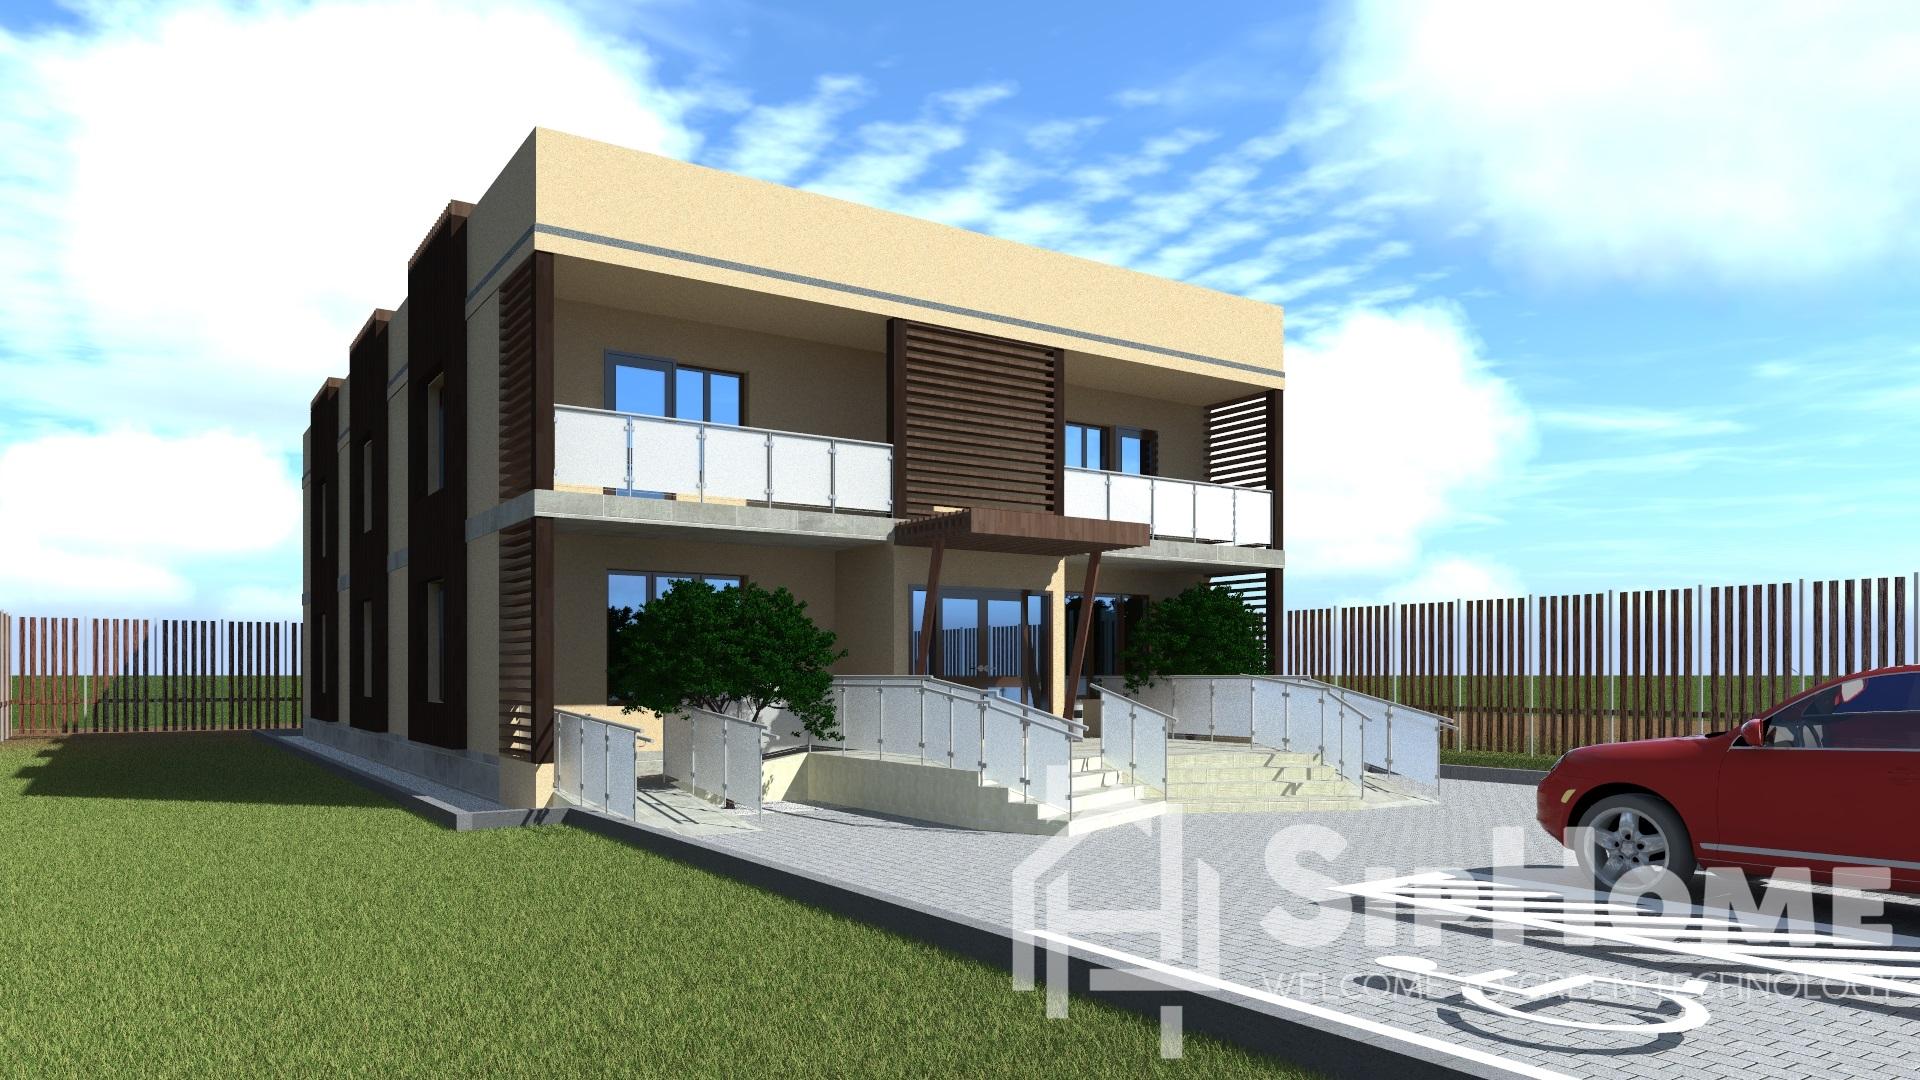 «Бриджес» — проект офисного здания на 481 квадратный метр — 23 123 610 тенге